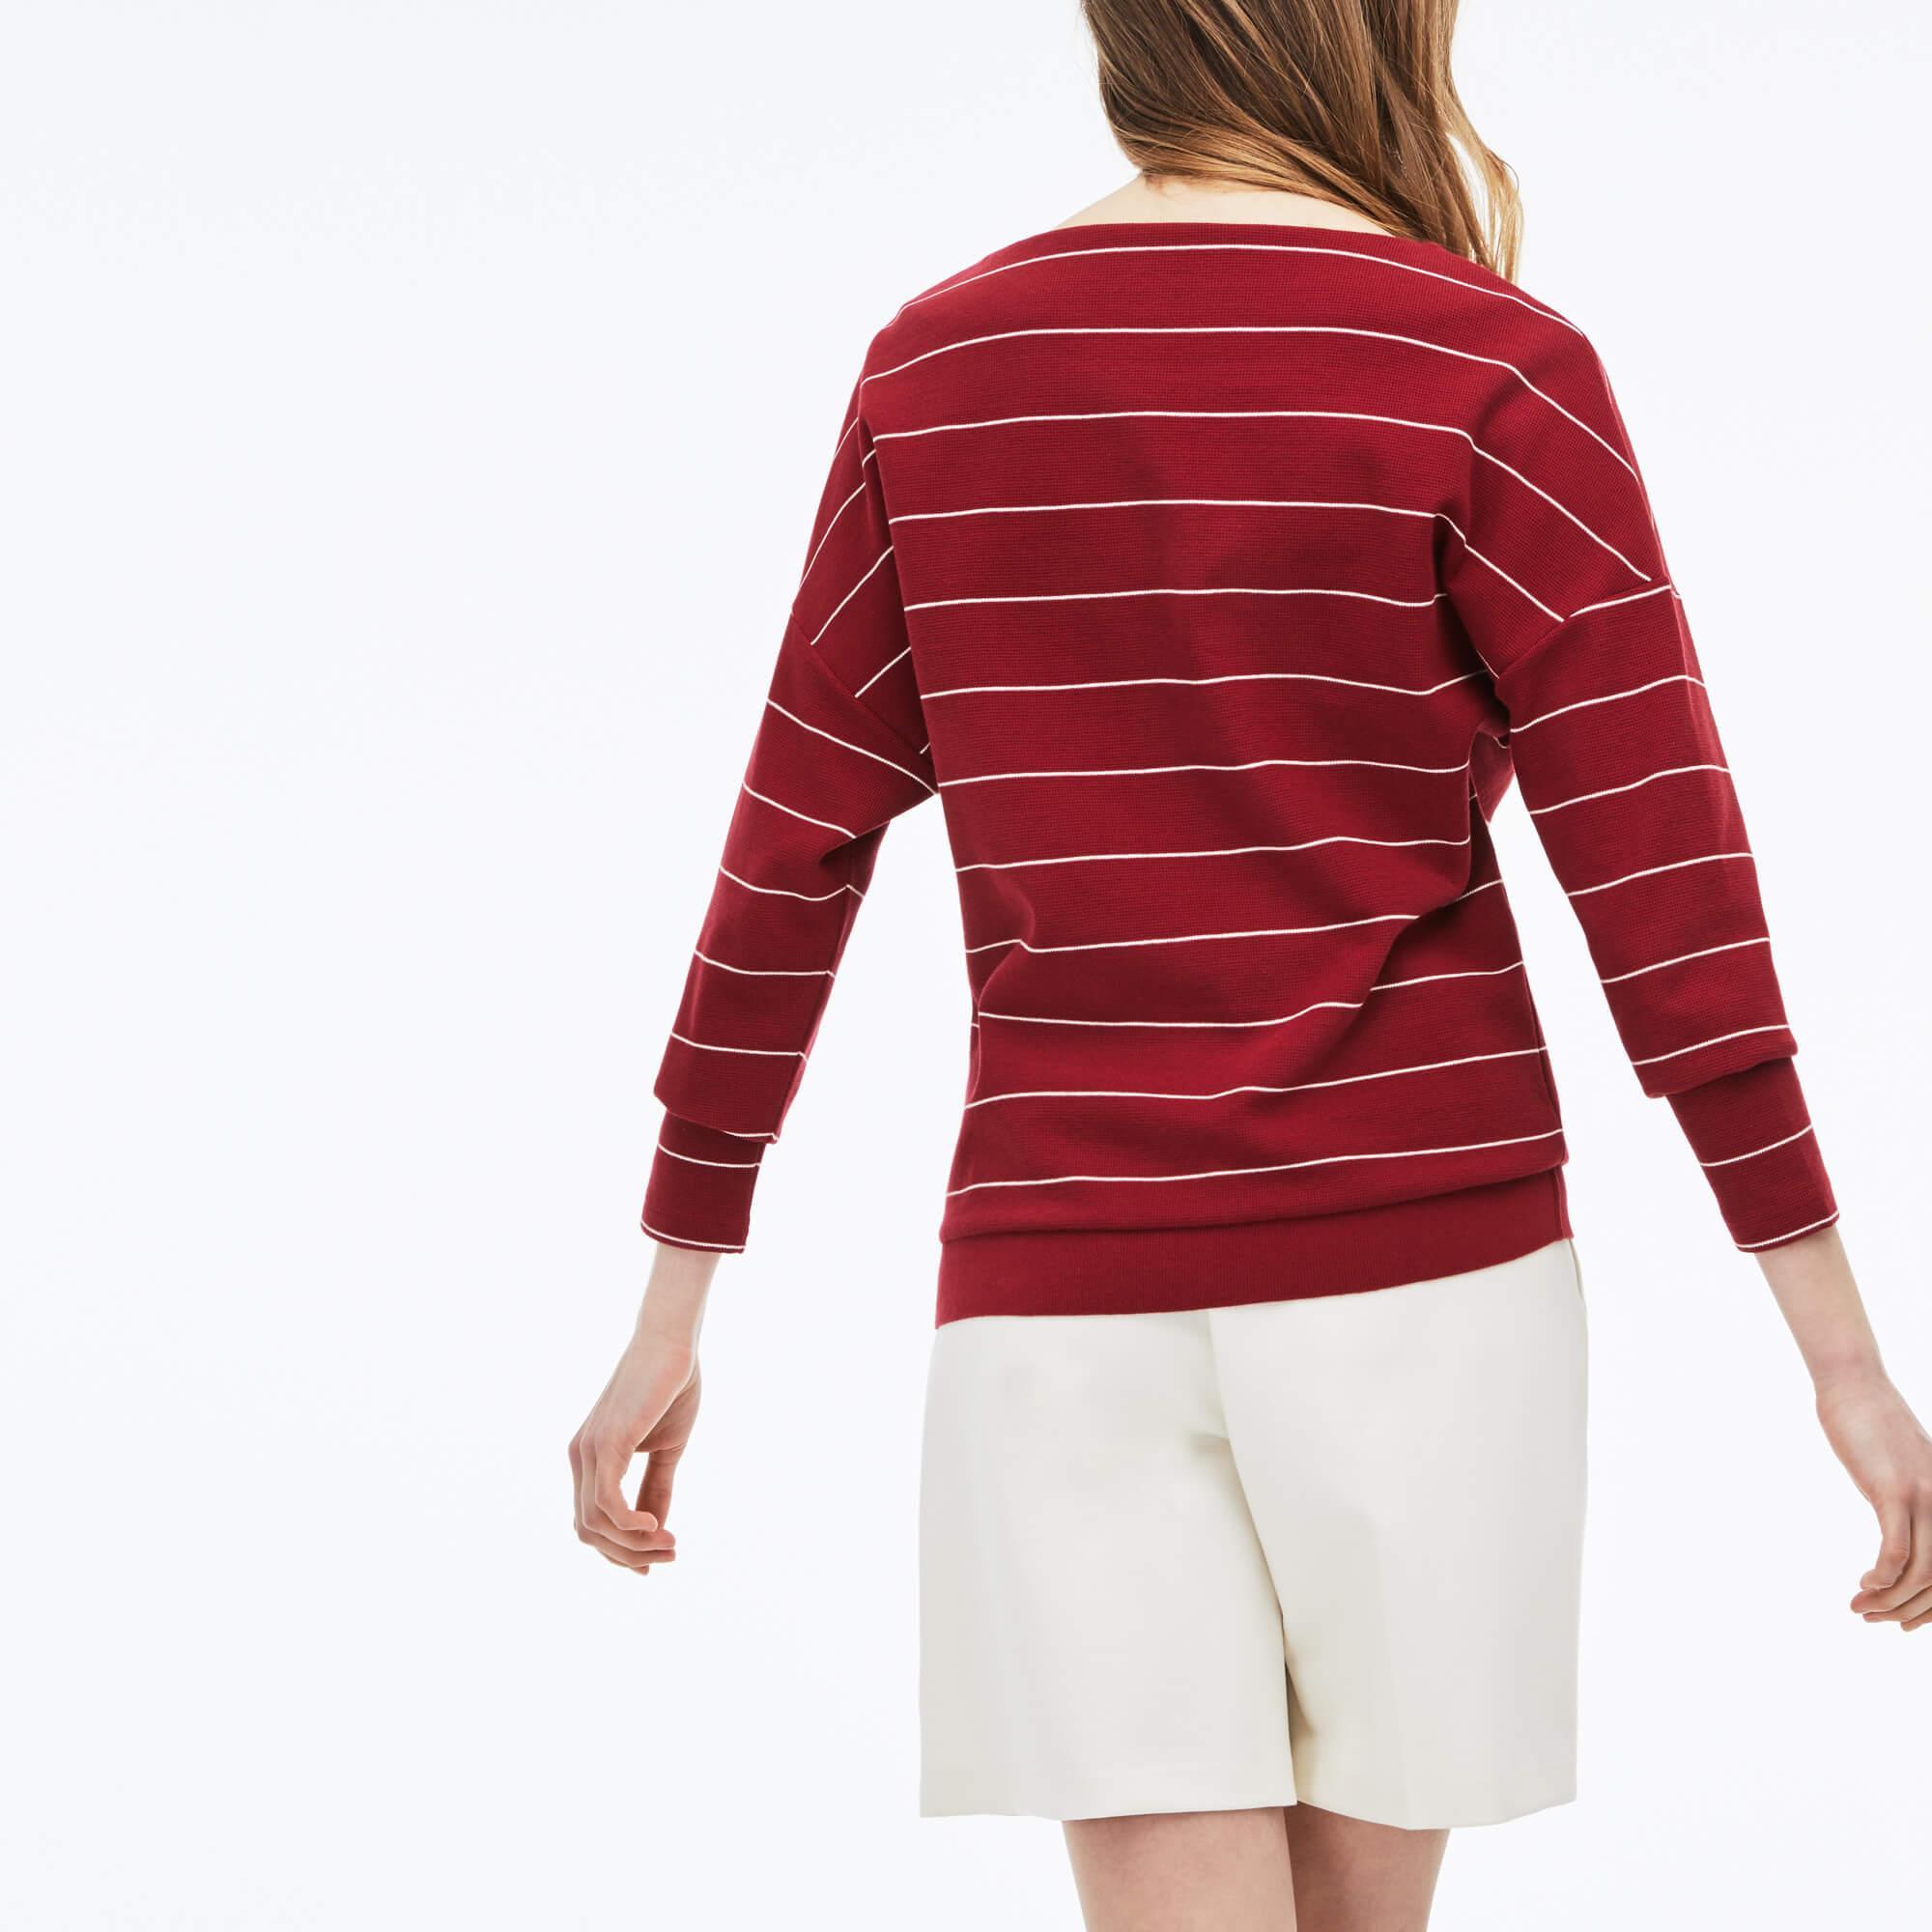 Lacoste Kadın Çizgili Kırmızı Sweatshirt